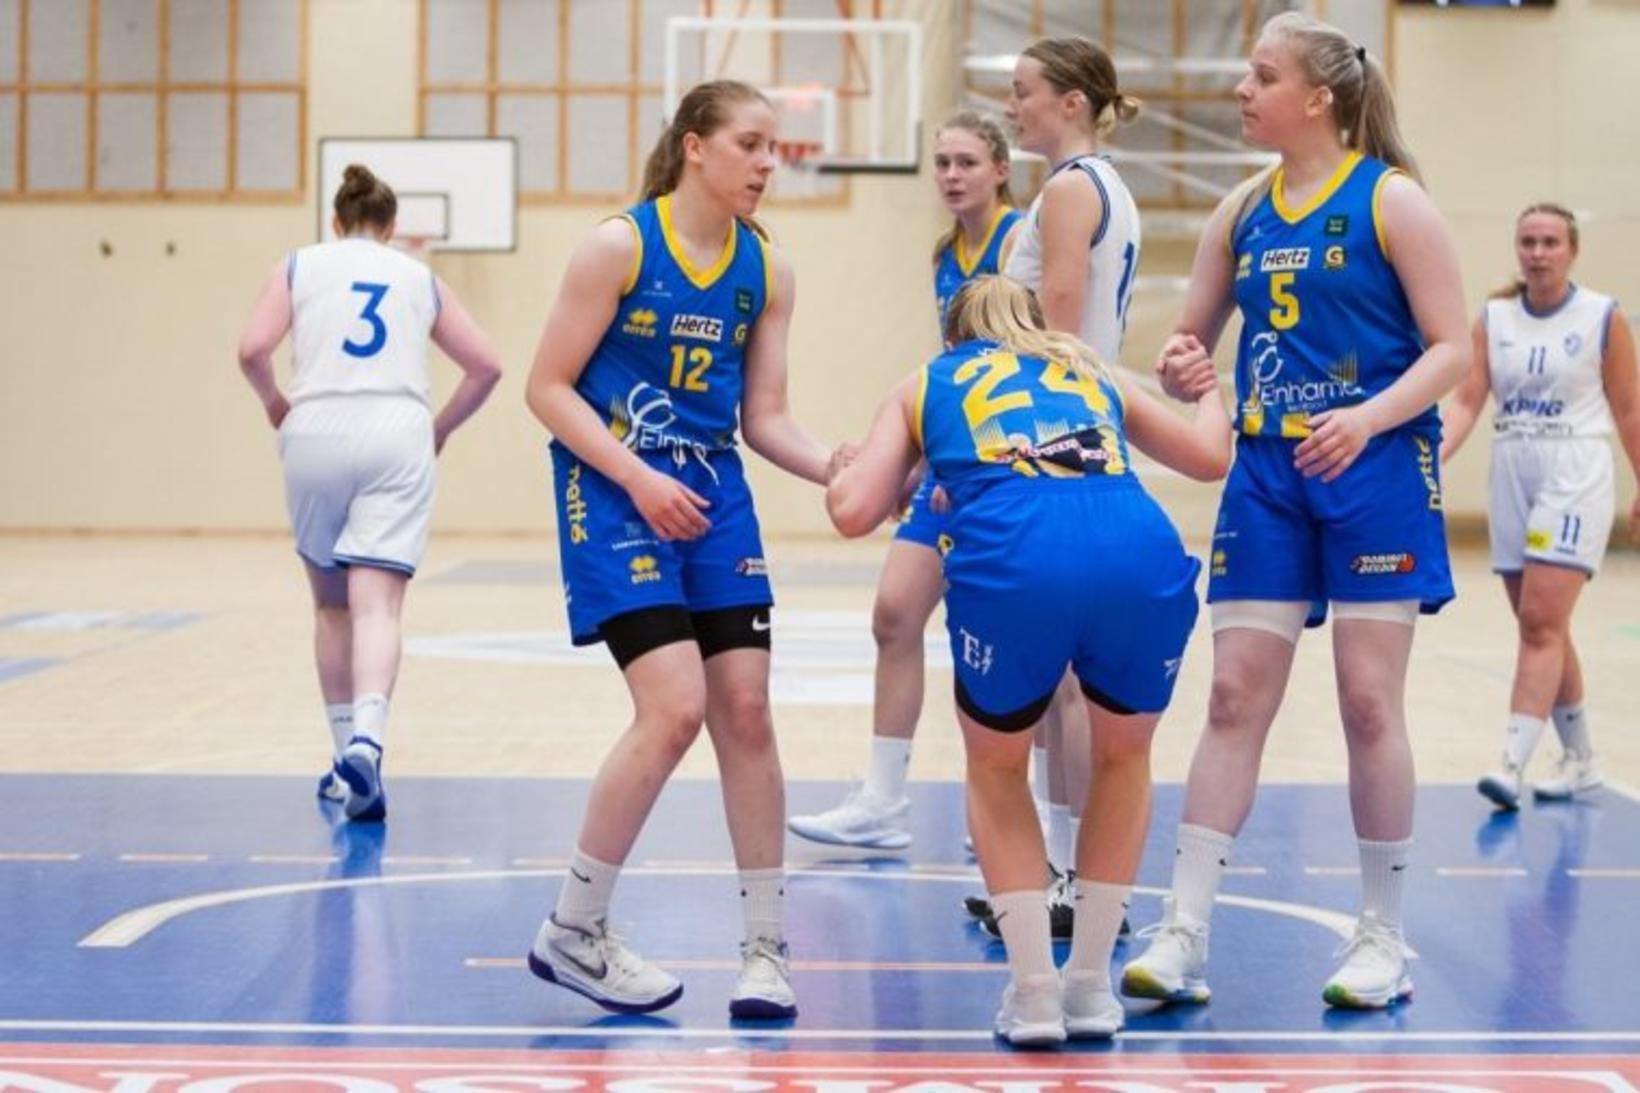 Natalía Jenný Lucic Jónsdóttir (12) skoraði 12 stig fyrir Grindvíkinga …